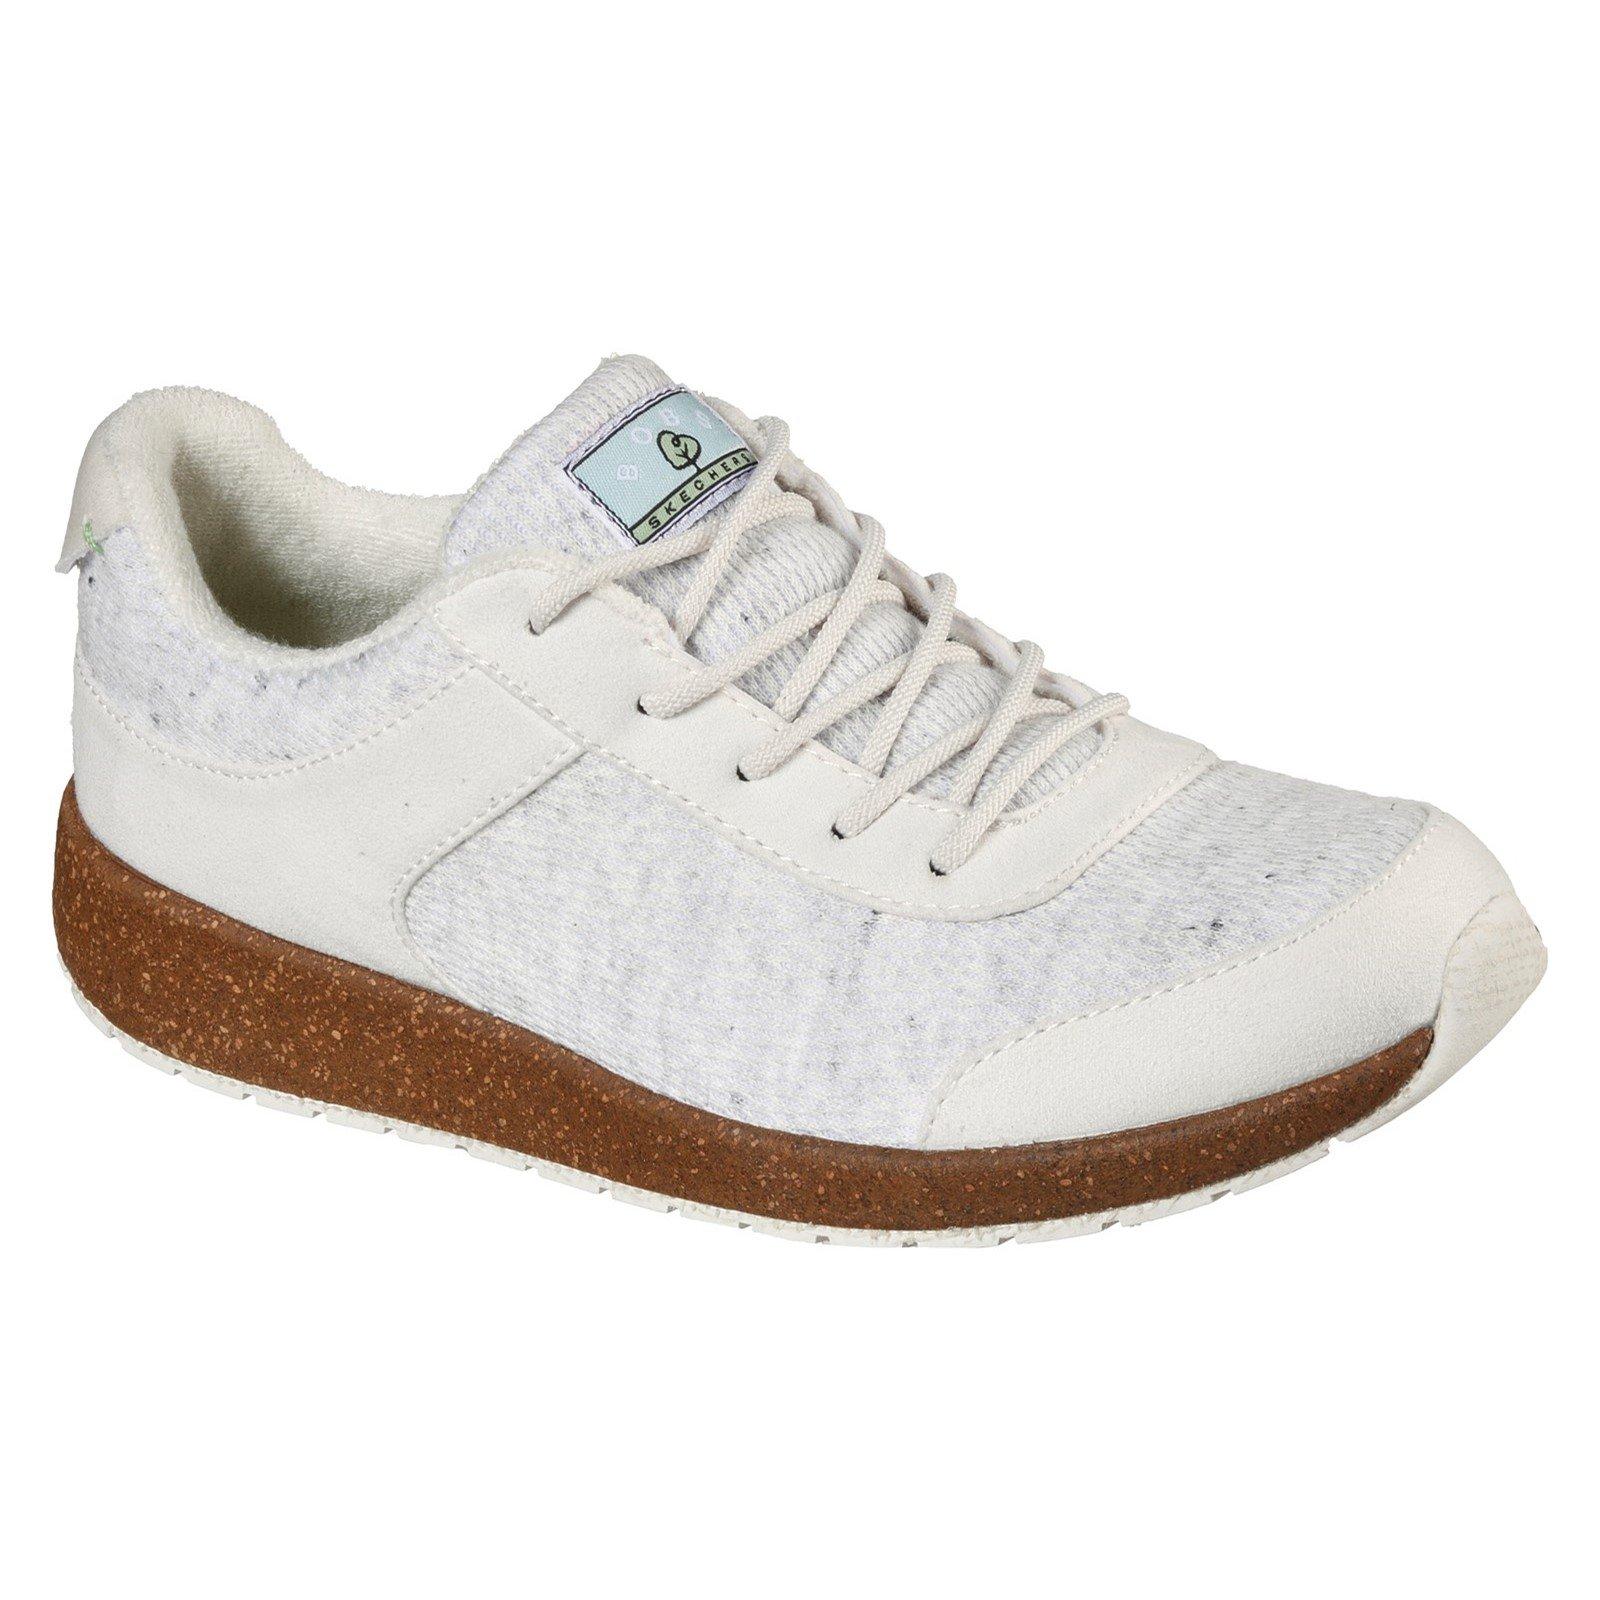 Skechers Women's Bobs Earth New Love Trainer White 32134 - Off White 3